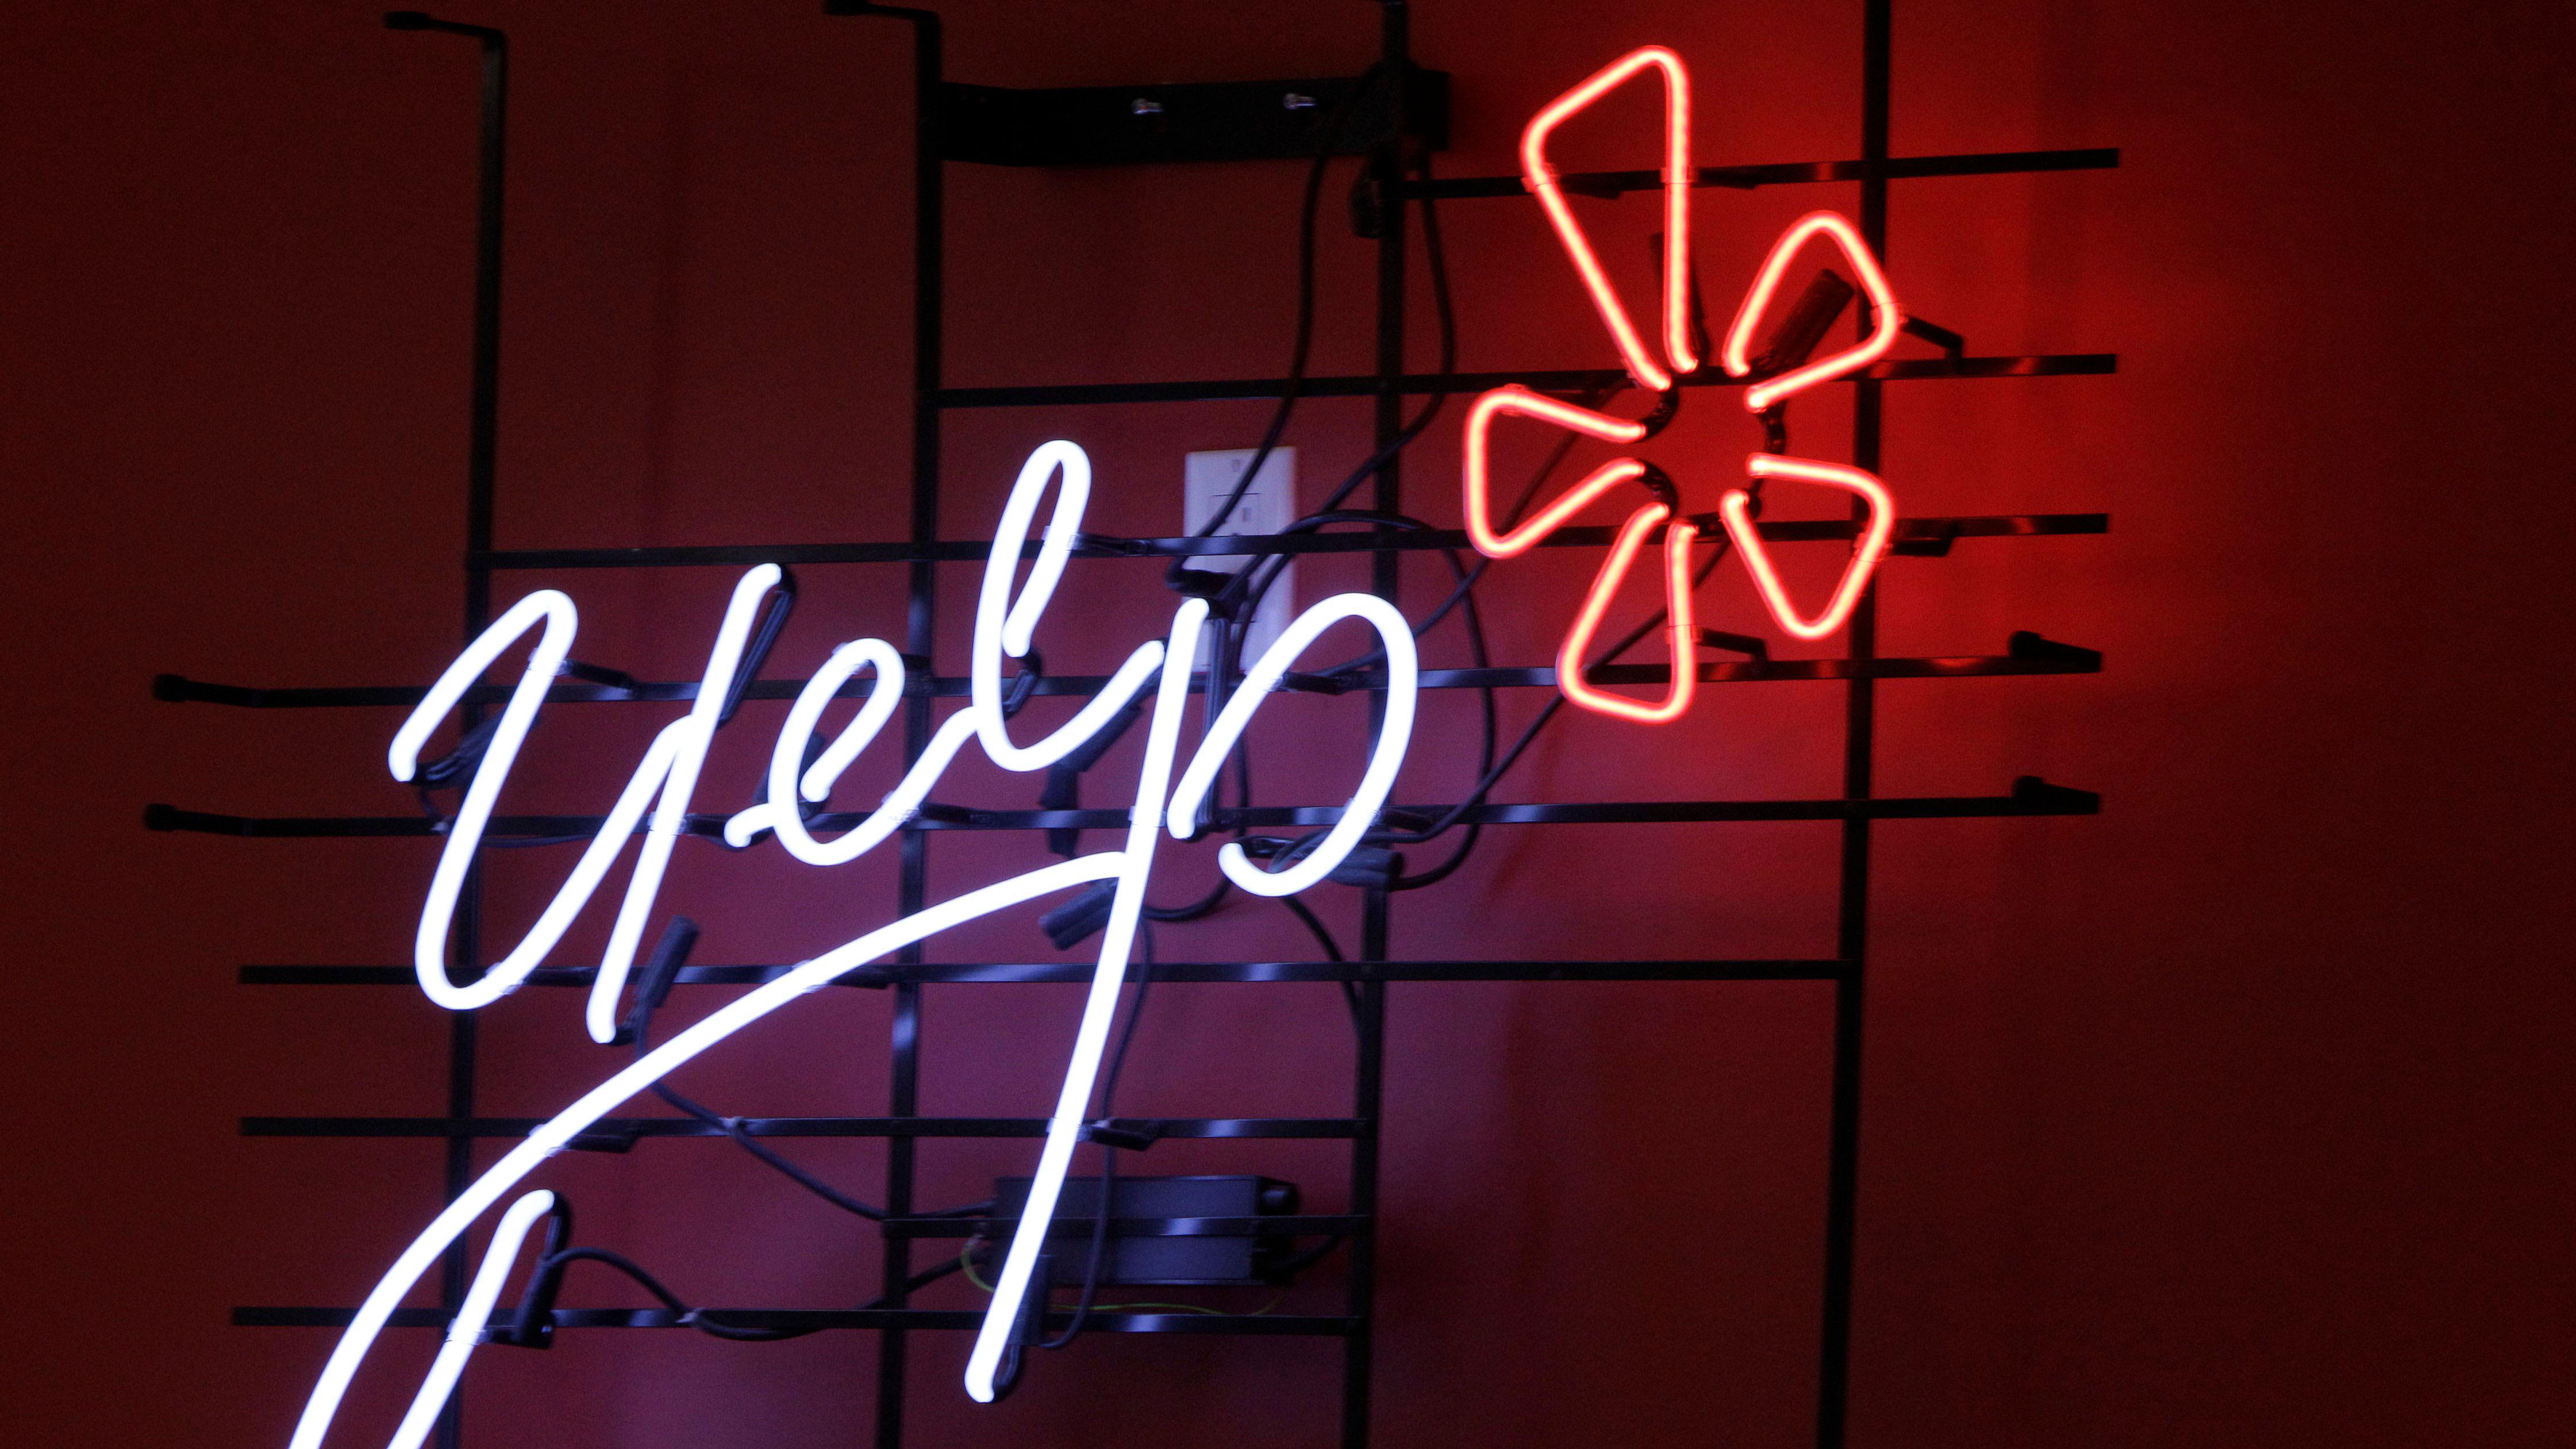 yelp-hiring-slowing